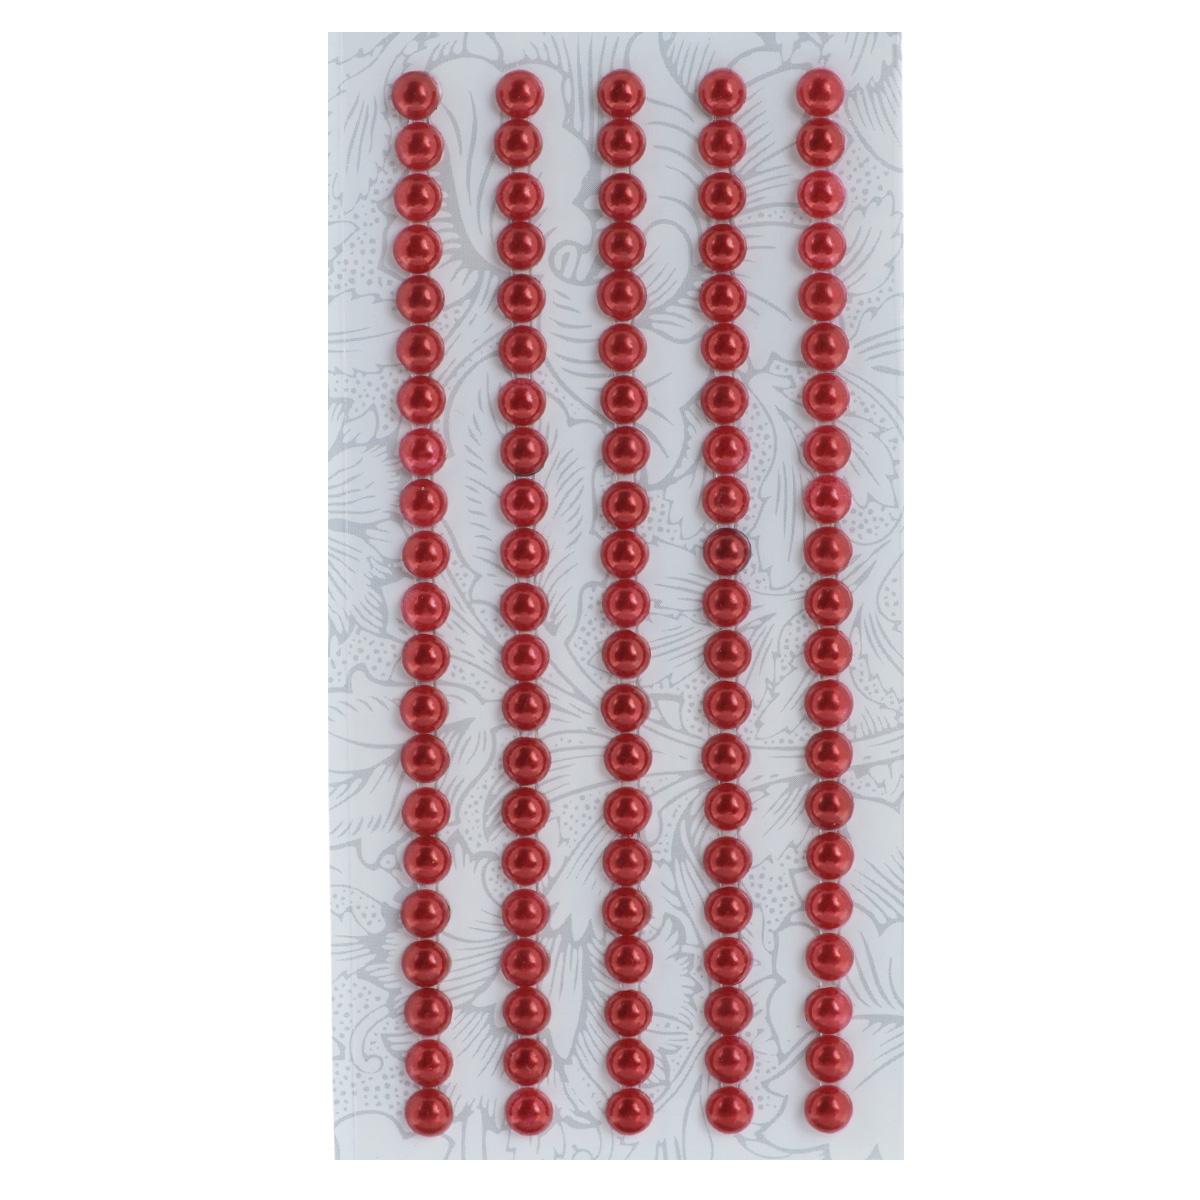 Наклейки декоративные Астра, цвет: красный (1), диаметр 5 мм, 105 шт наклейки декоративные астра 2 шт 7708401